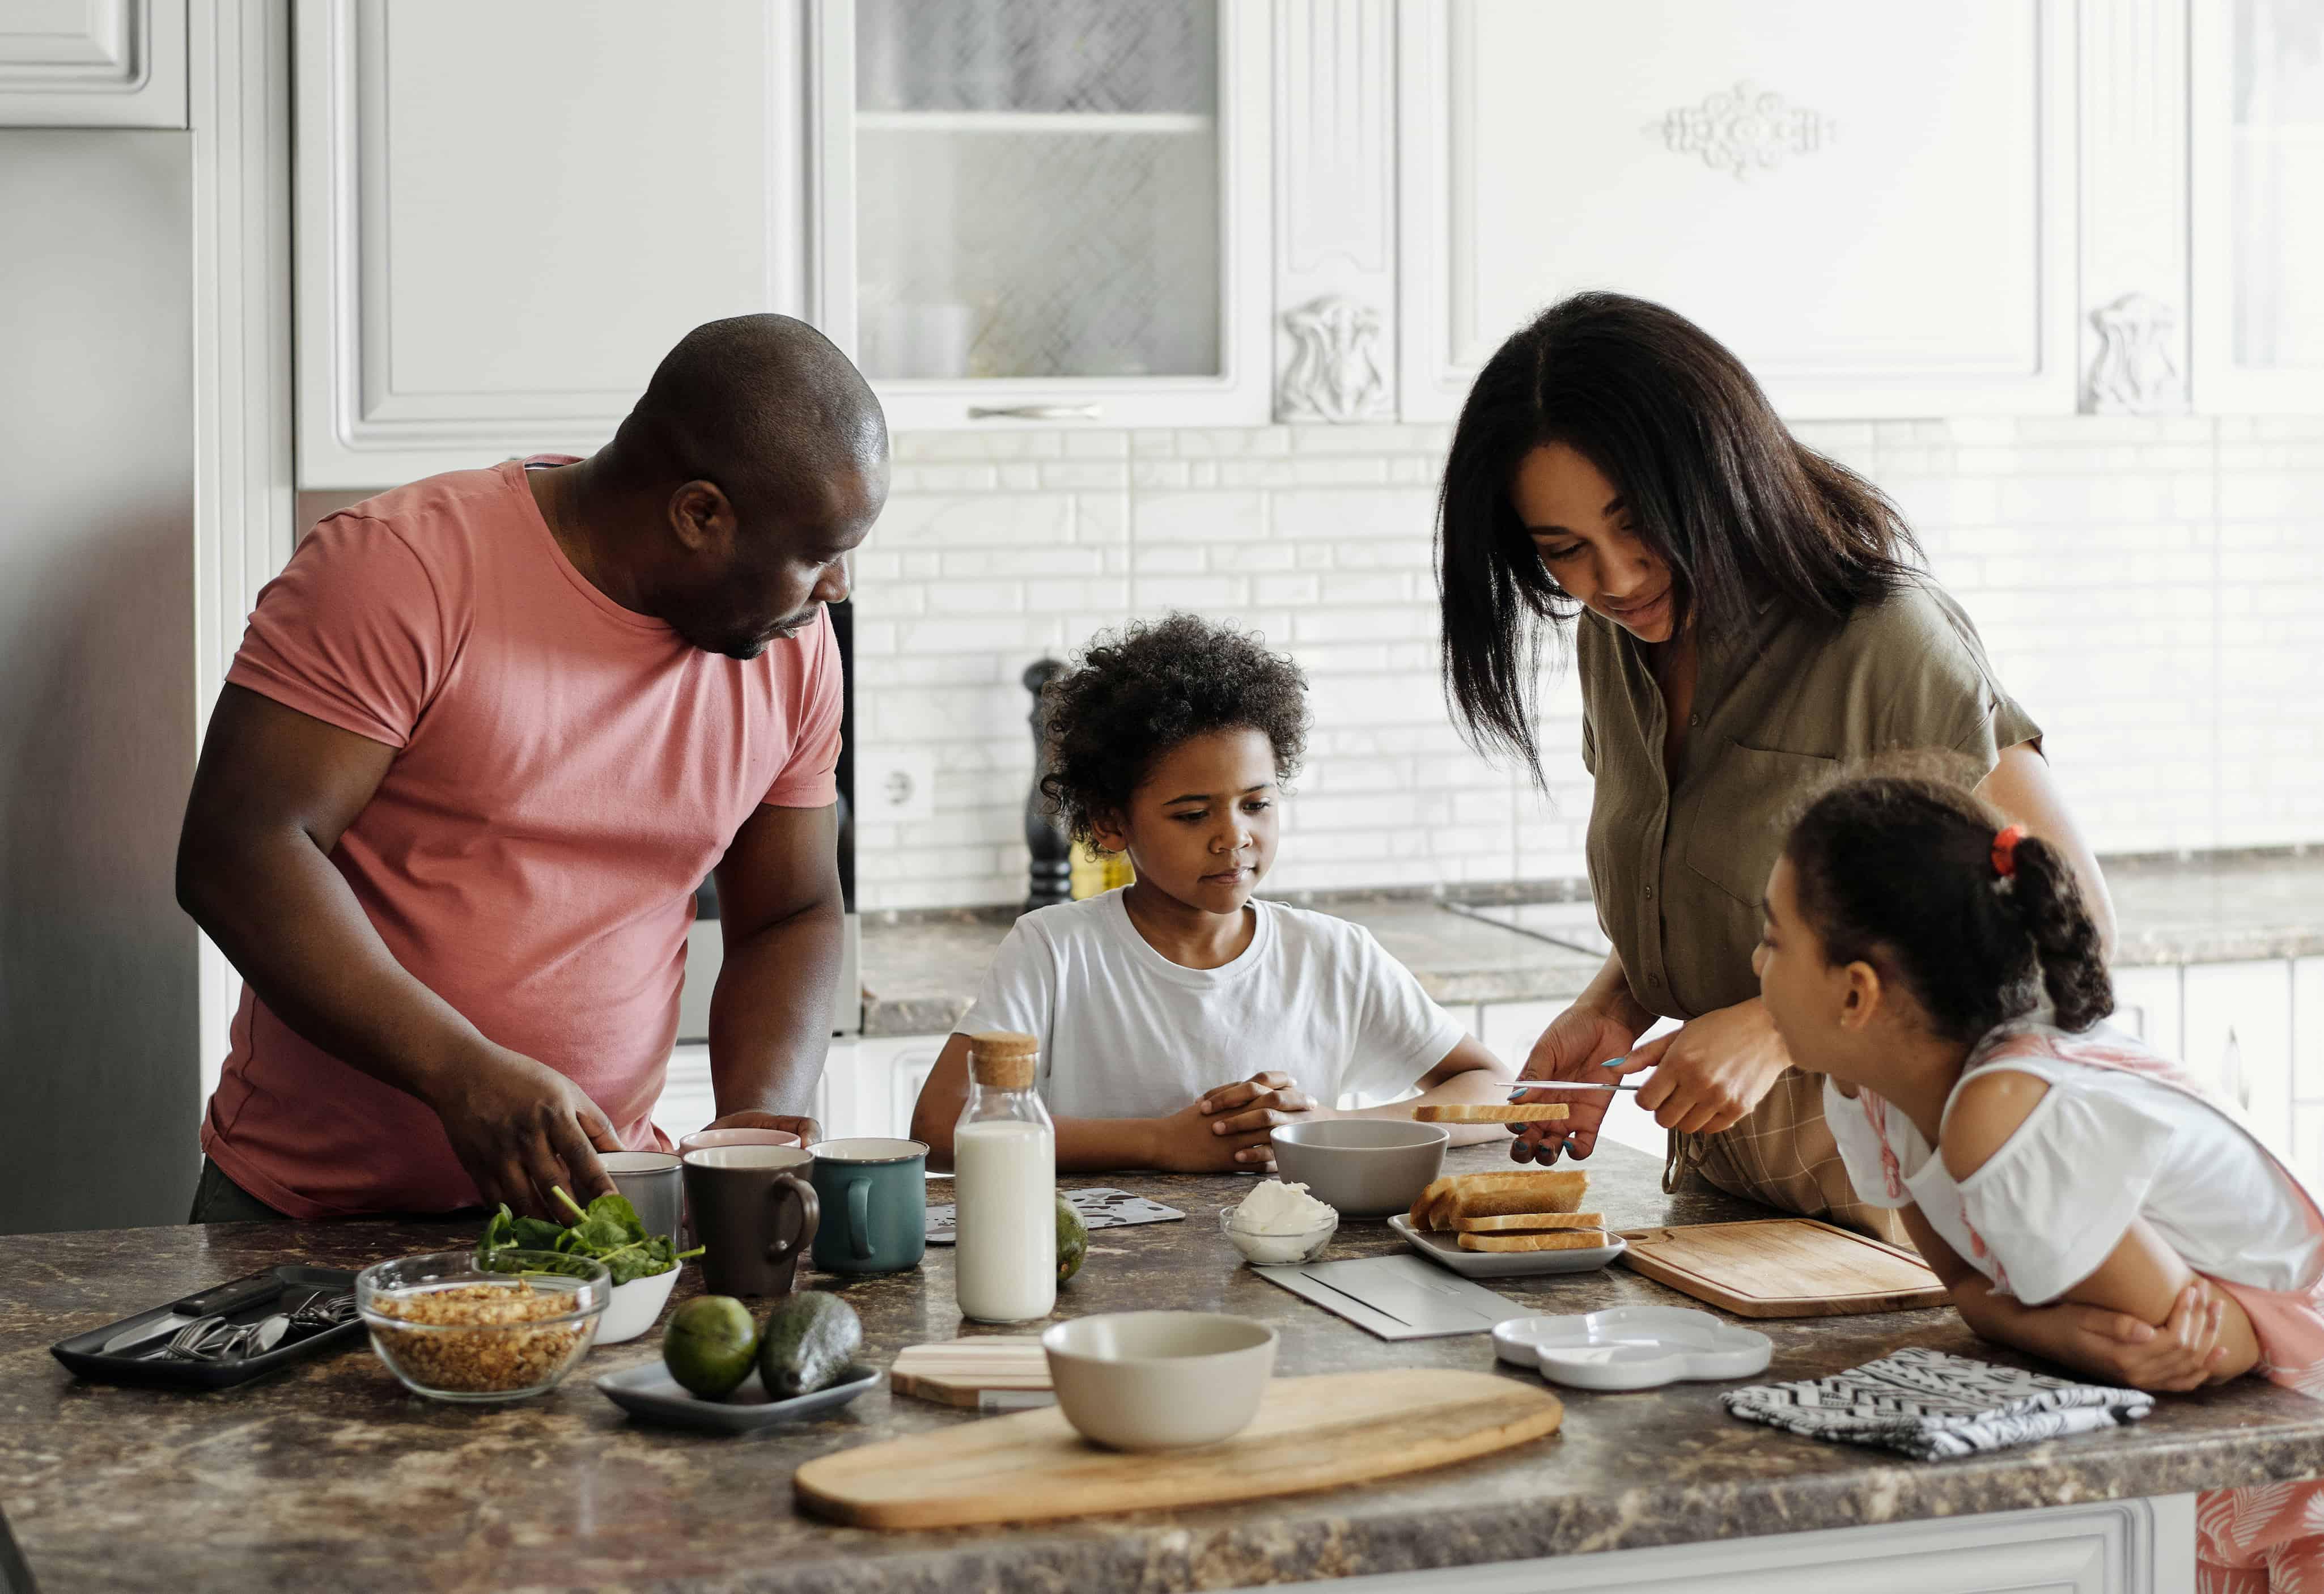 Eltern bereiten mit ihren Kindern das Frühstück in der Küche vor